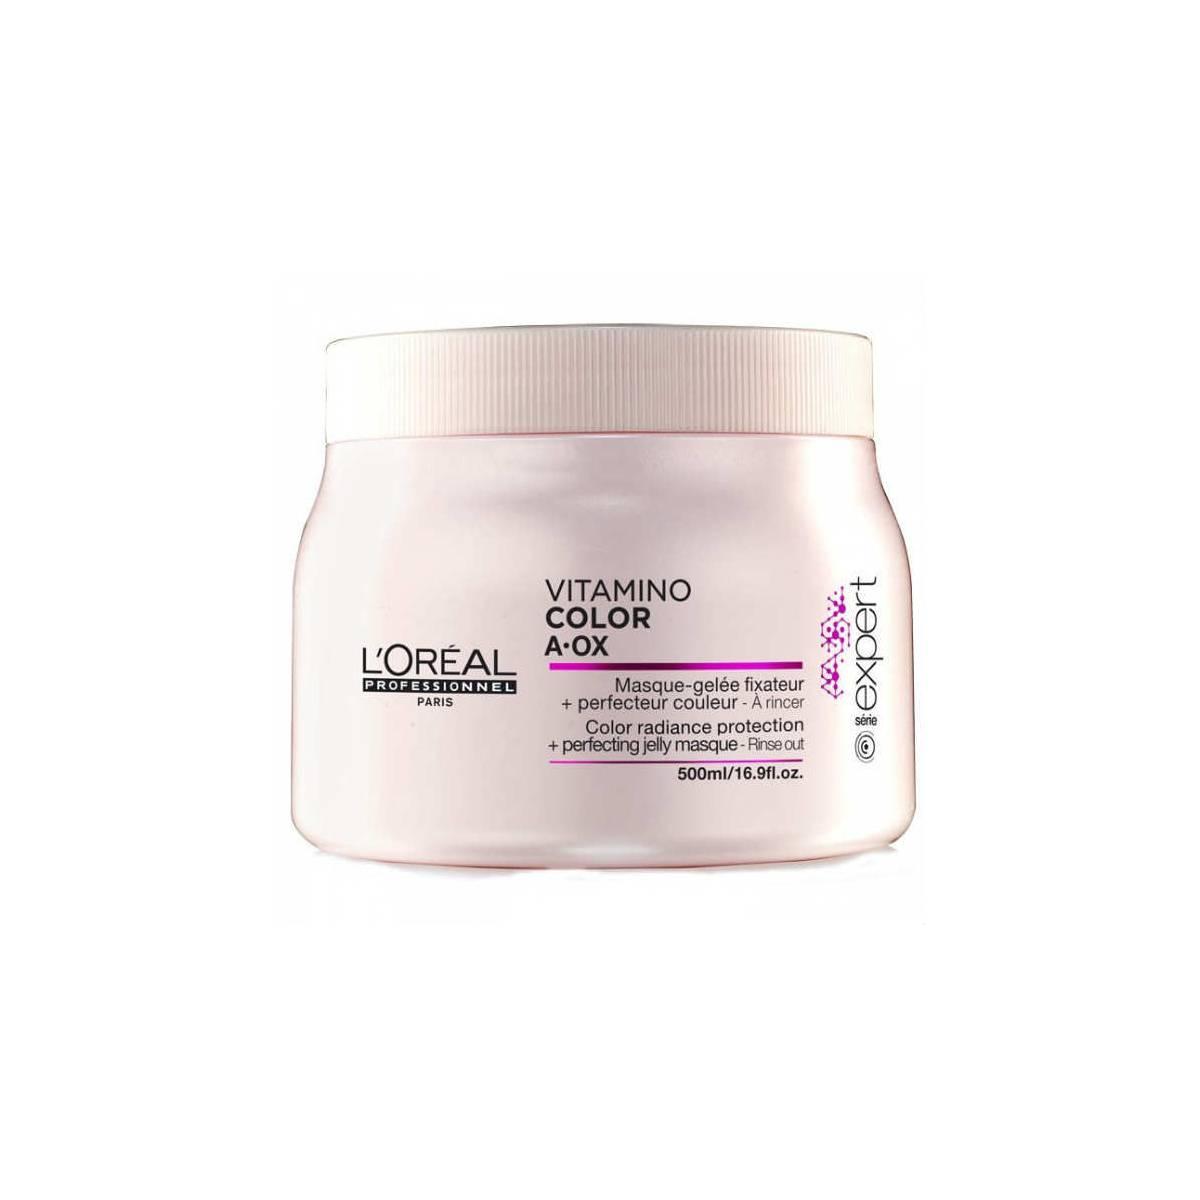 LOreal Professionnel Expert Vitamino Маска-фиксатор цвета Color AOX 500 млБ33041_шампунь-барбарис и липа, скраб -черная смородинаМаска-фиксатор цвета Витамино Колор – это средство, предназначенное для ухода за окрашенными волосами. Средство обладает особой формулой, благодаря которой на волосах образуется защитная плёнка, препятствующая вымыванию цвета и обеспечивающая волосам защиту от воздействия негативных факторов. Эффект будет очевиден уже после первого применения: волосы станут упругими и мягкими, приобретут изысканный блеск. При регулярном применении волосы будут выглядеть так, будто вы недавно посетили салон красоты. Кроме того, улучшится и структура волос, а их цвет не потускнеет даже спустя долгое время.